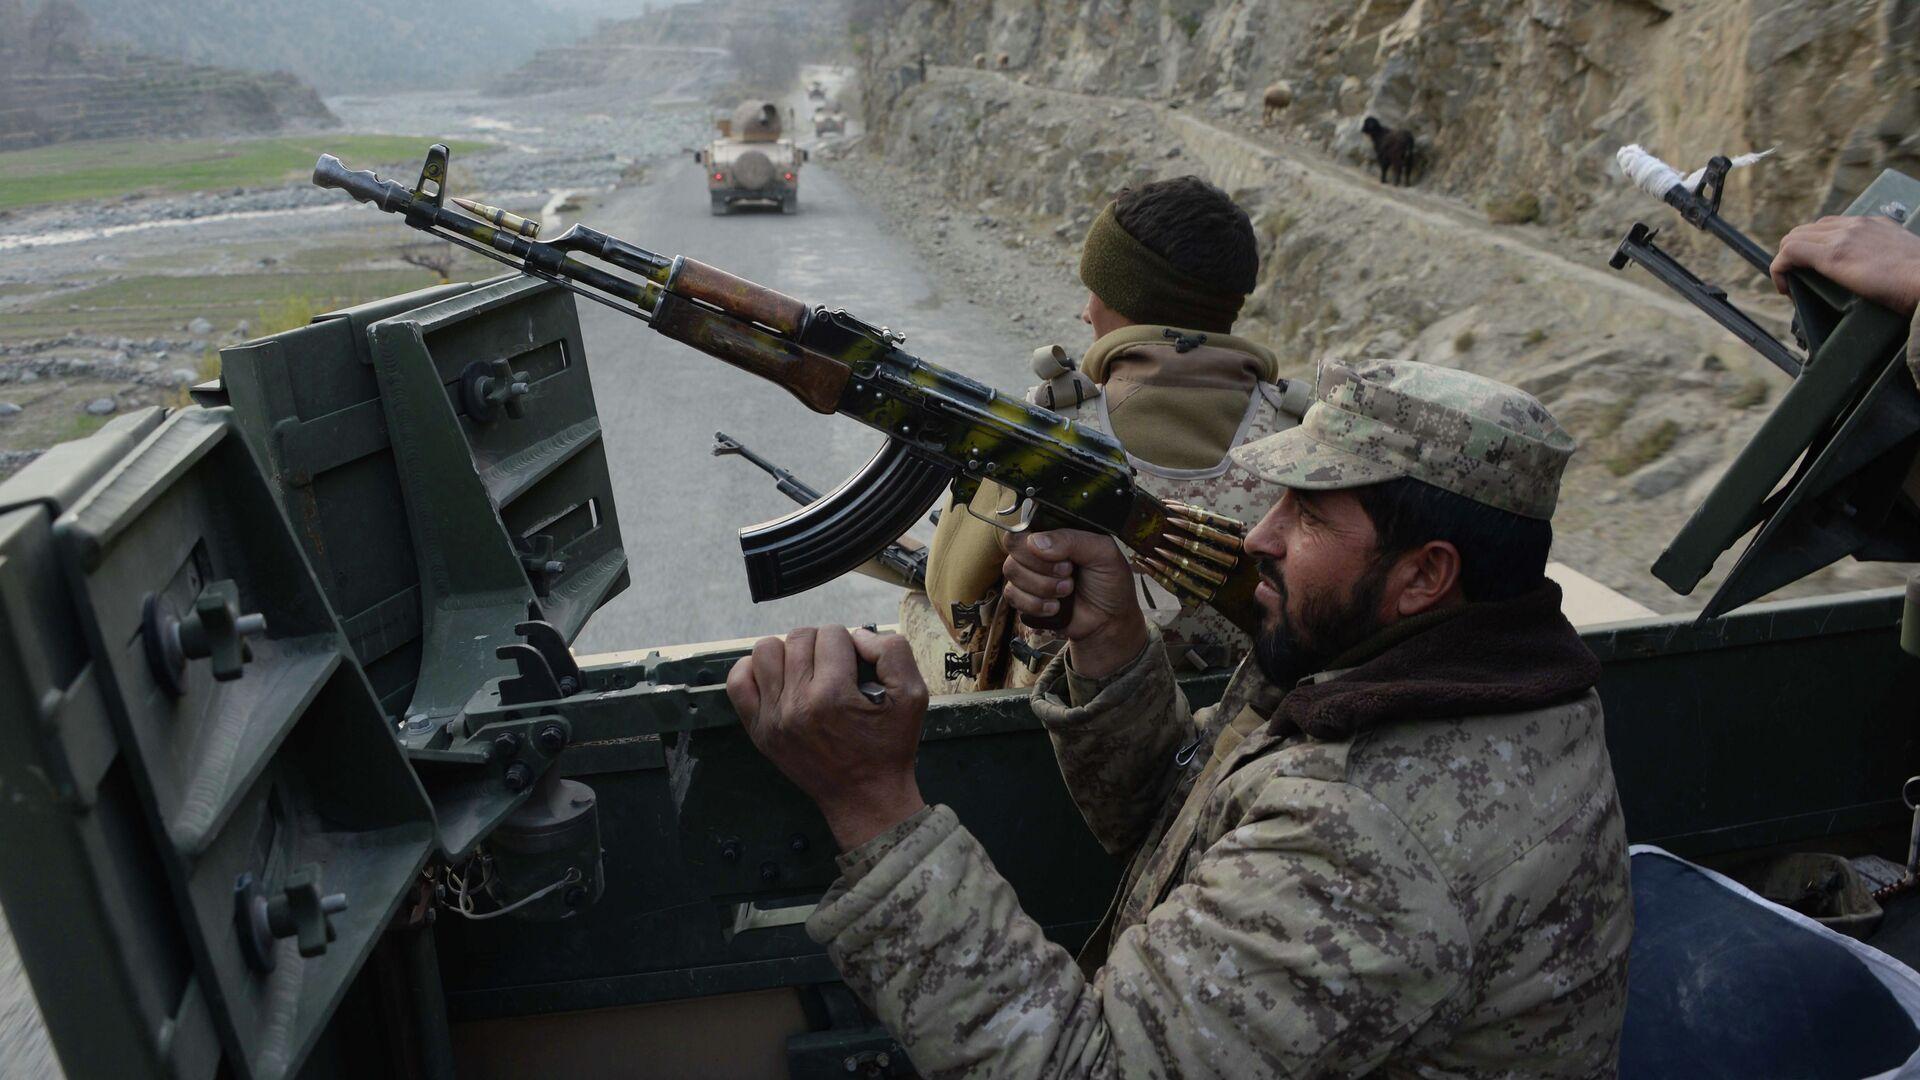 Fuerzas gubernamentales afganas durante una operación militar contra los talibanes - Sputnik Mundo, 1920, 30.06.2021